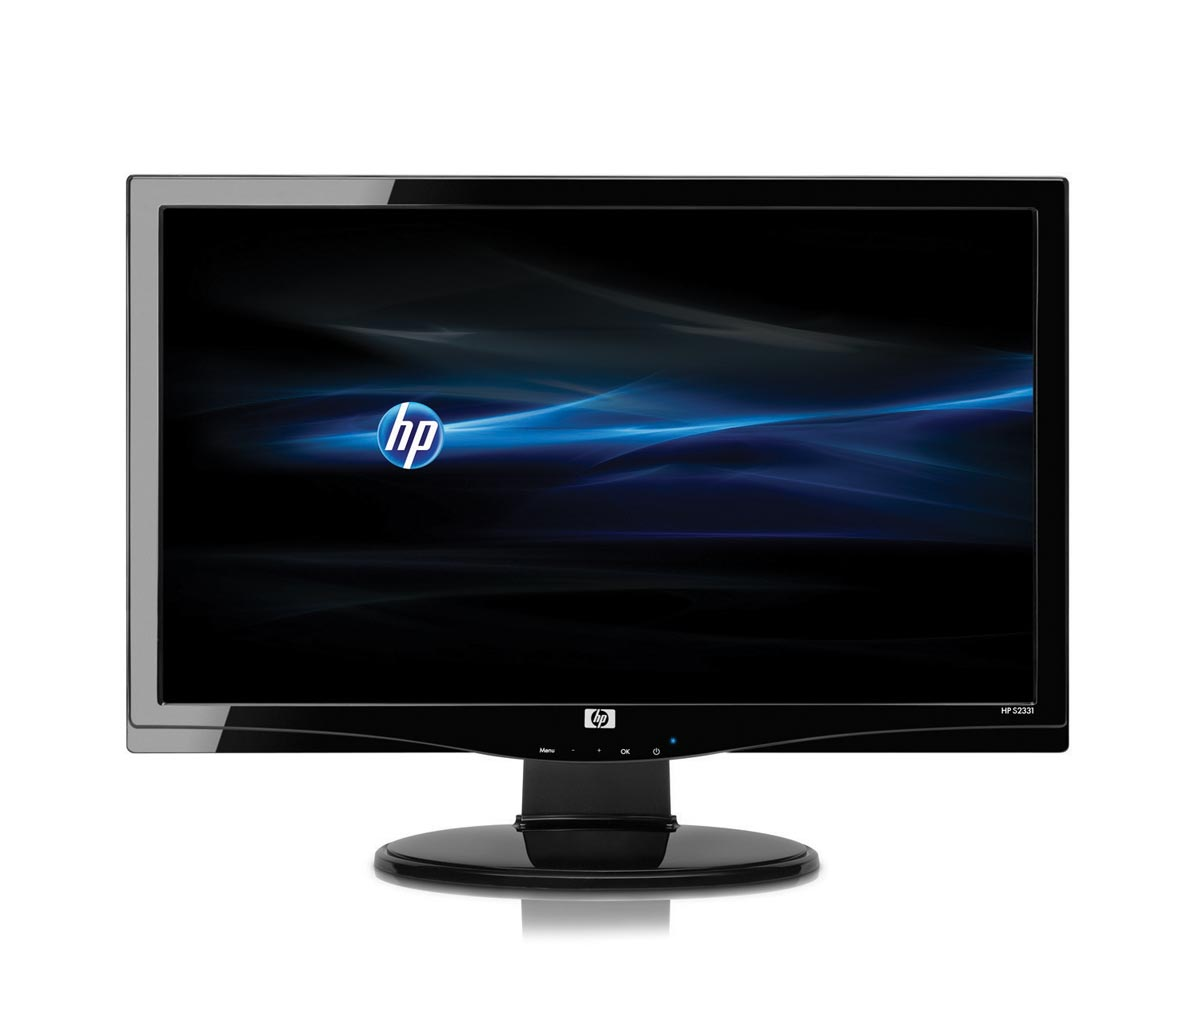 lcd computer monitor - photo #8